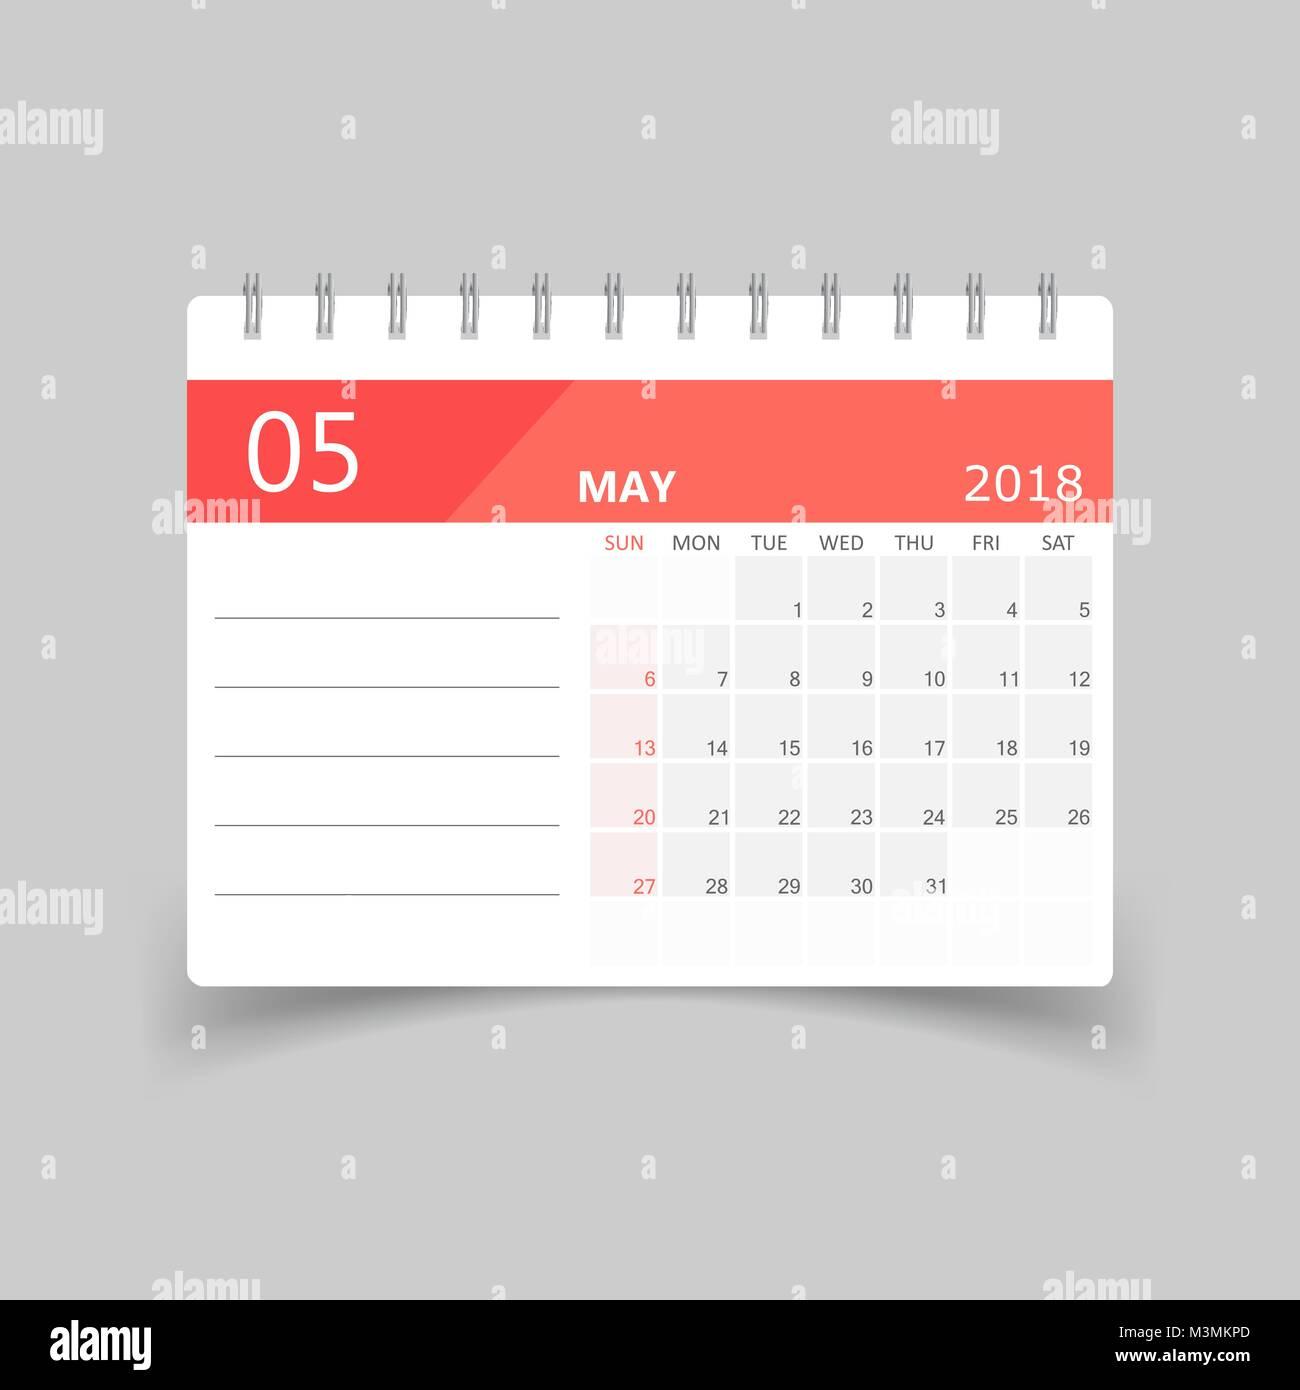 Beste Monatliche Kalenderplaner Vorlage Fotos - Beispiel ...